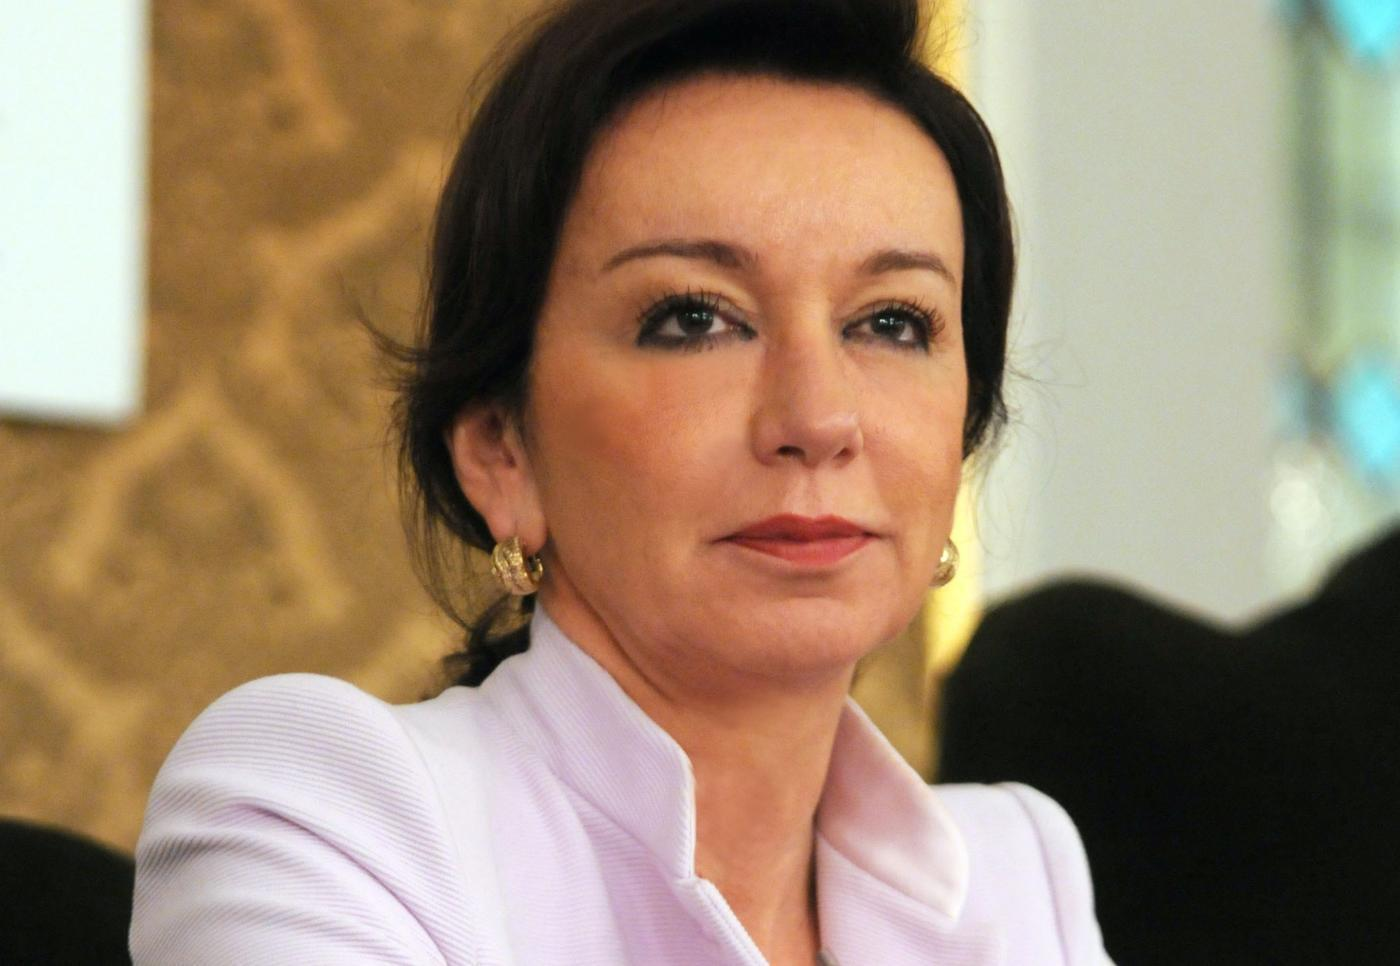 Fiat Chrysler Monica Mondardini CEO rumor